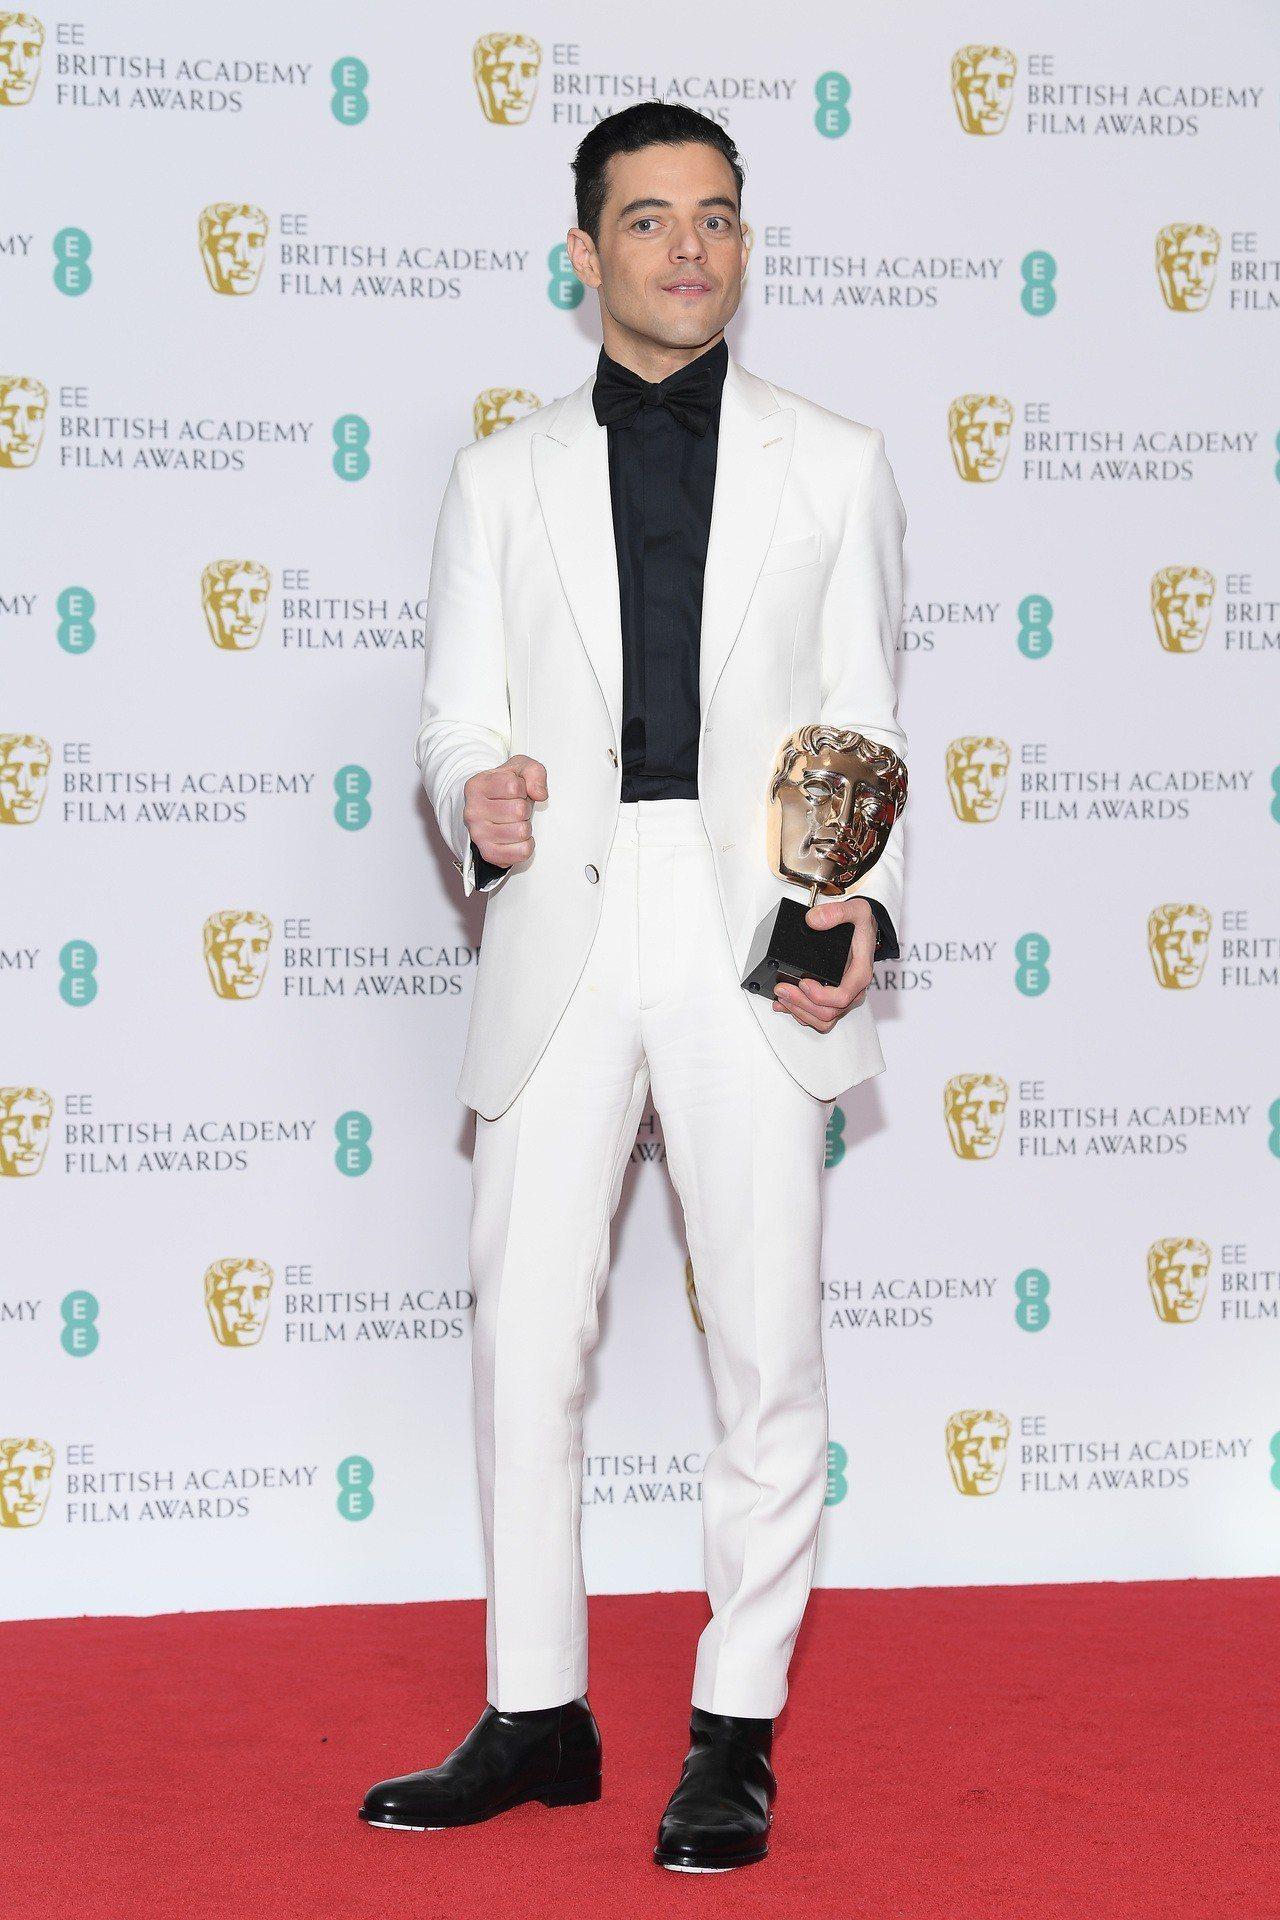 順利拿下英國影藝學院電影獎影帝寶座的Rami Malek,則挑選了路易威登訂製晚...